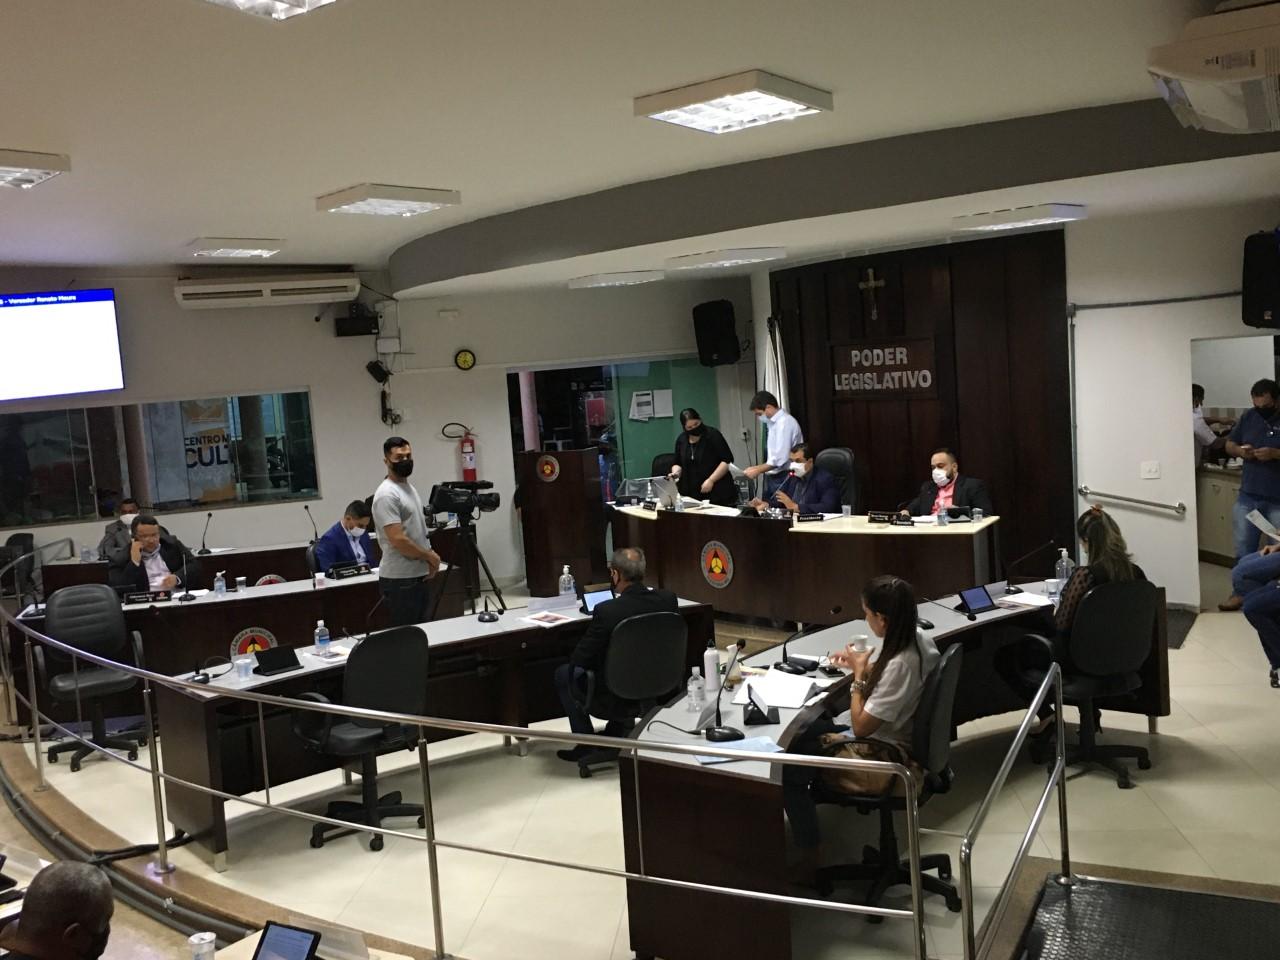 Vereadores da Câmara Municipal reforçam apoio para contemplados dos residenciais Nova Ituiutaba 2 e 4